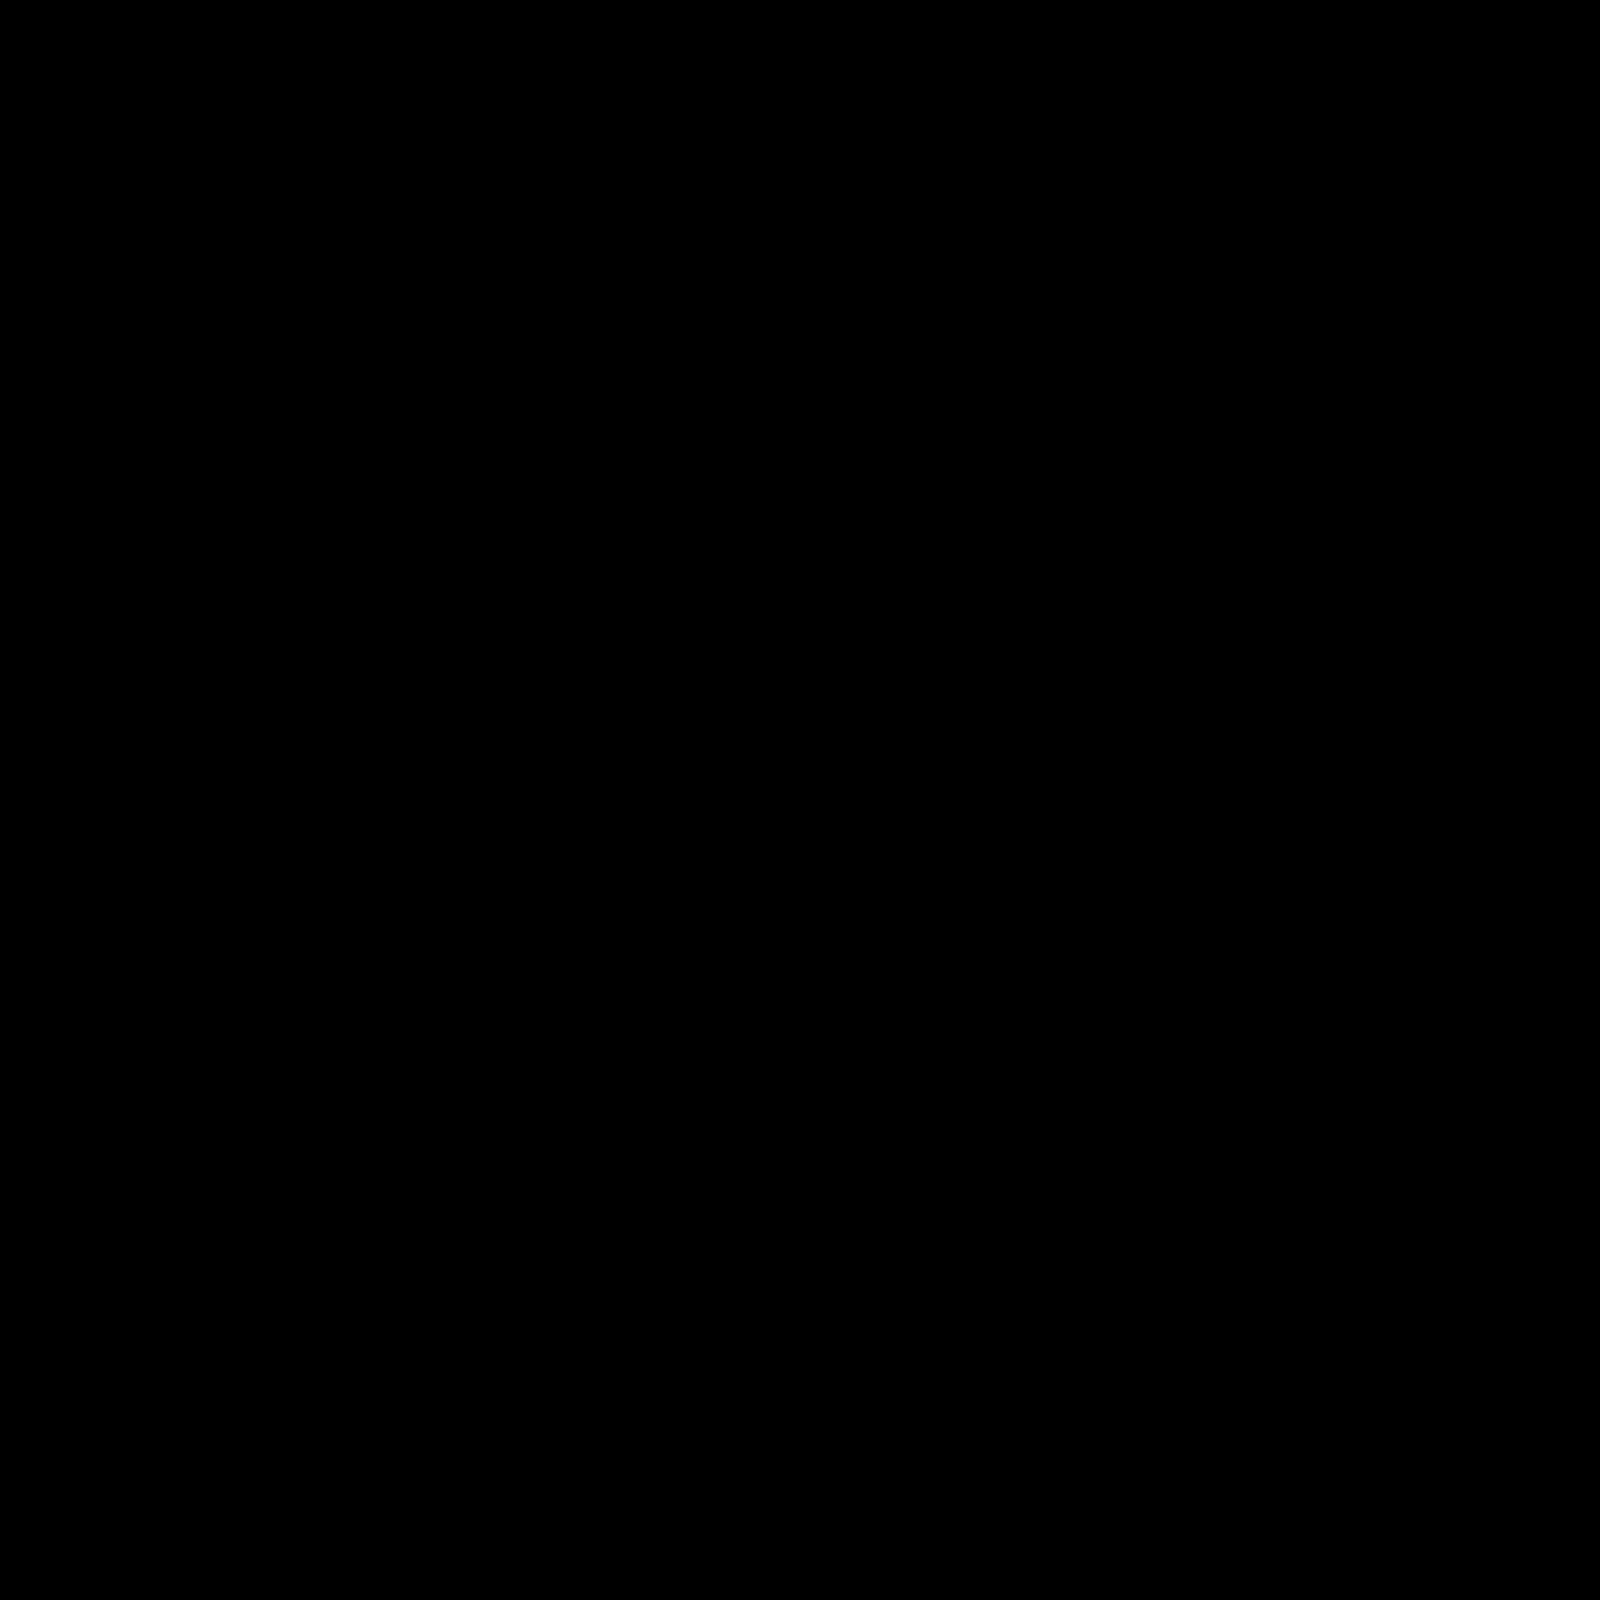 Smoczek icon